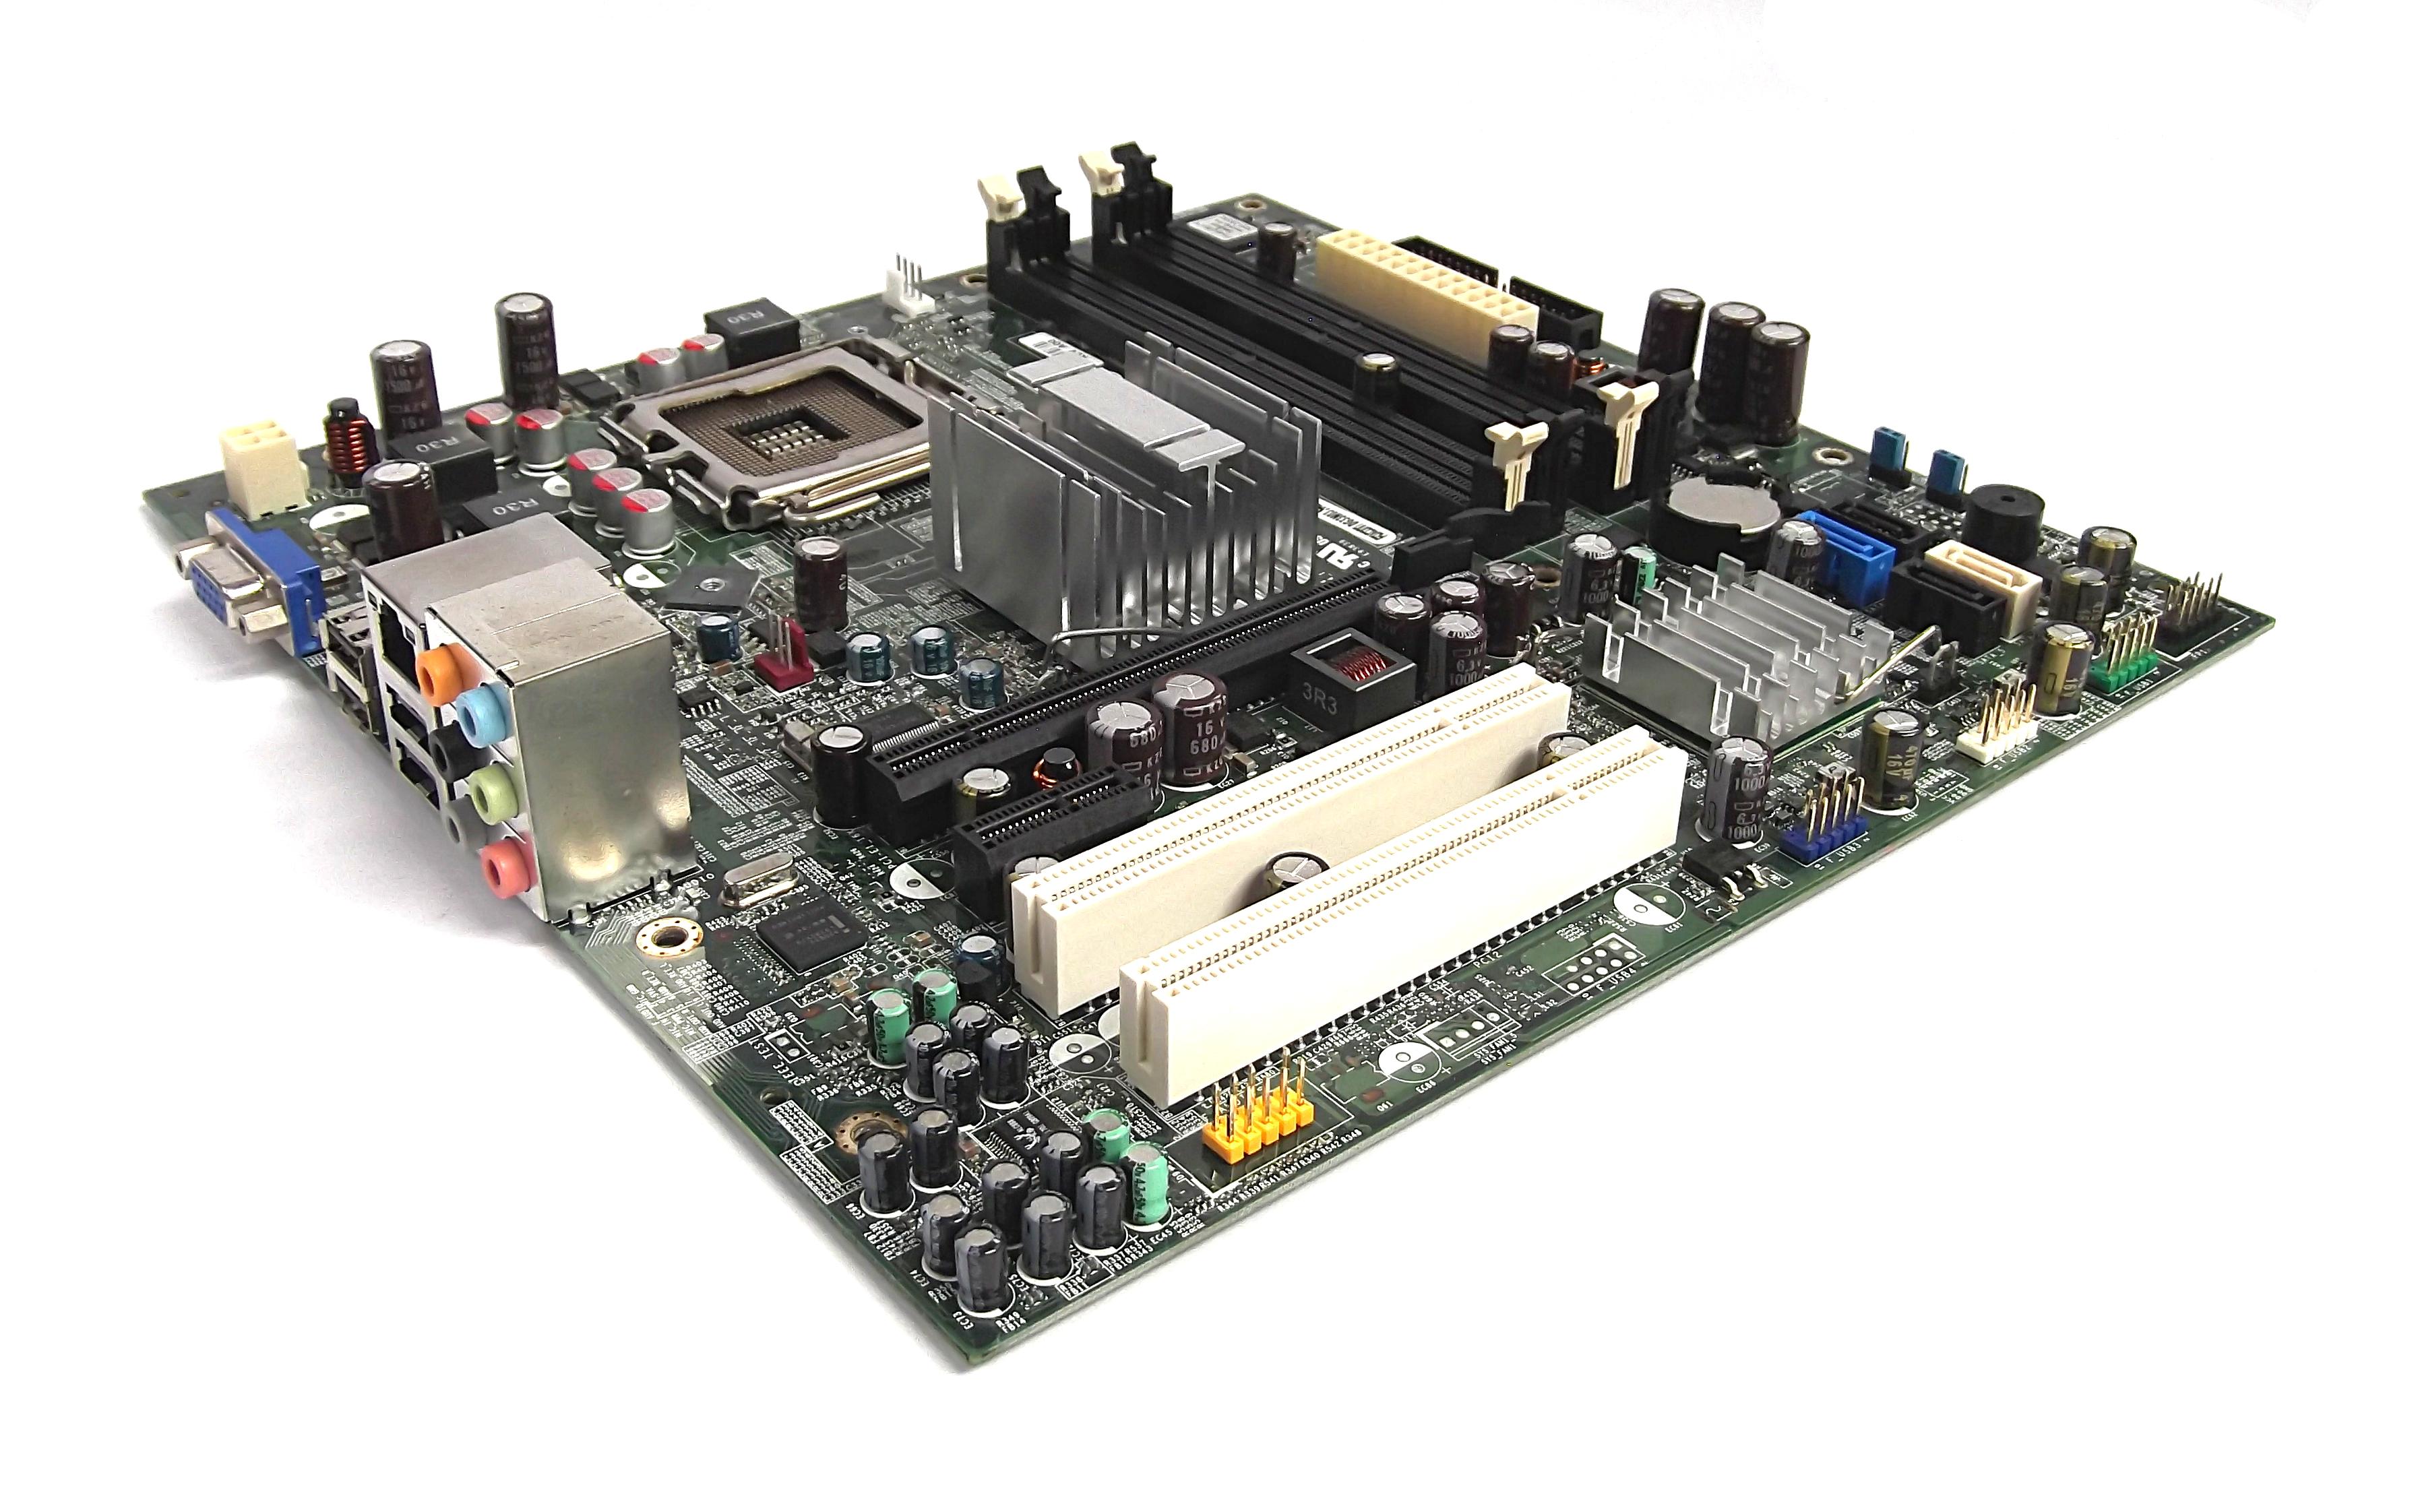 Dell FM586 Inspiron 530 Intel Socket LGA775 Main System Motherboard DG33M03